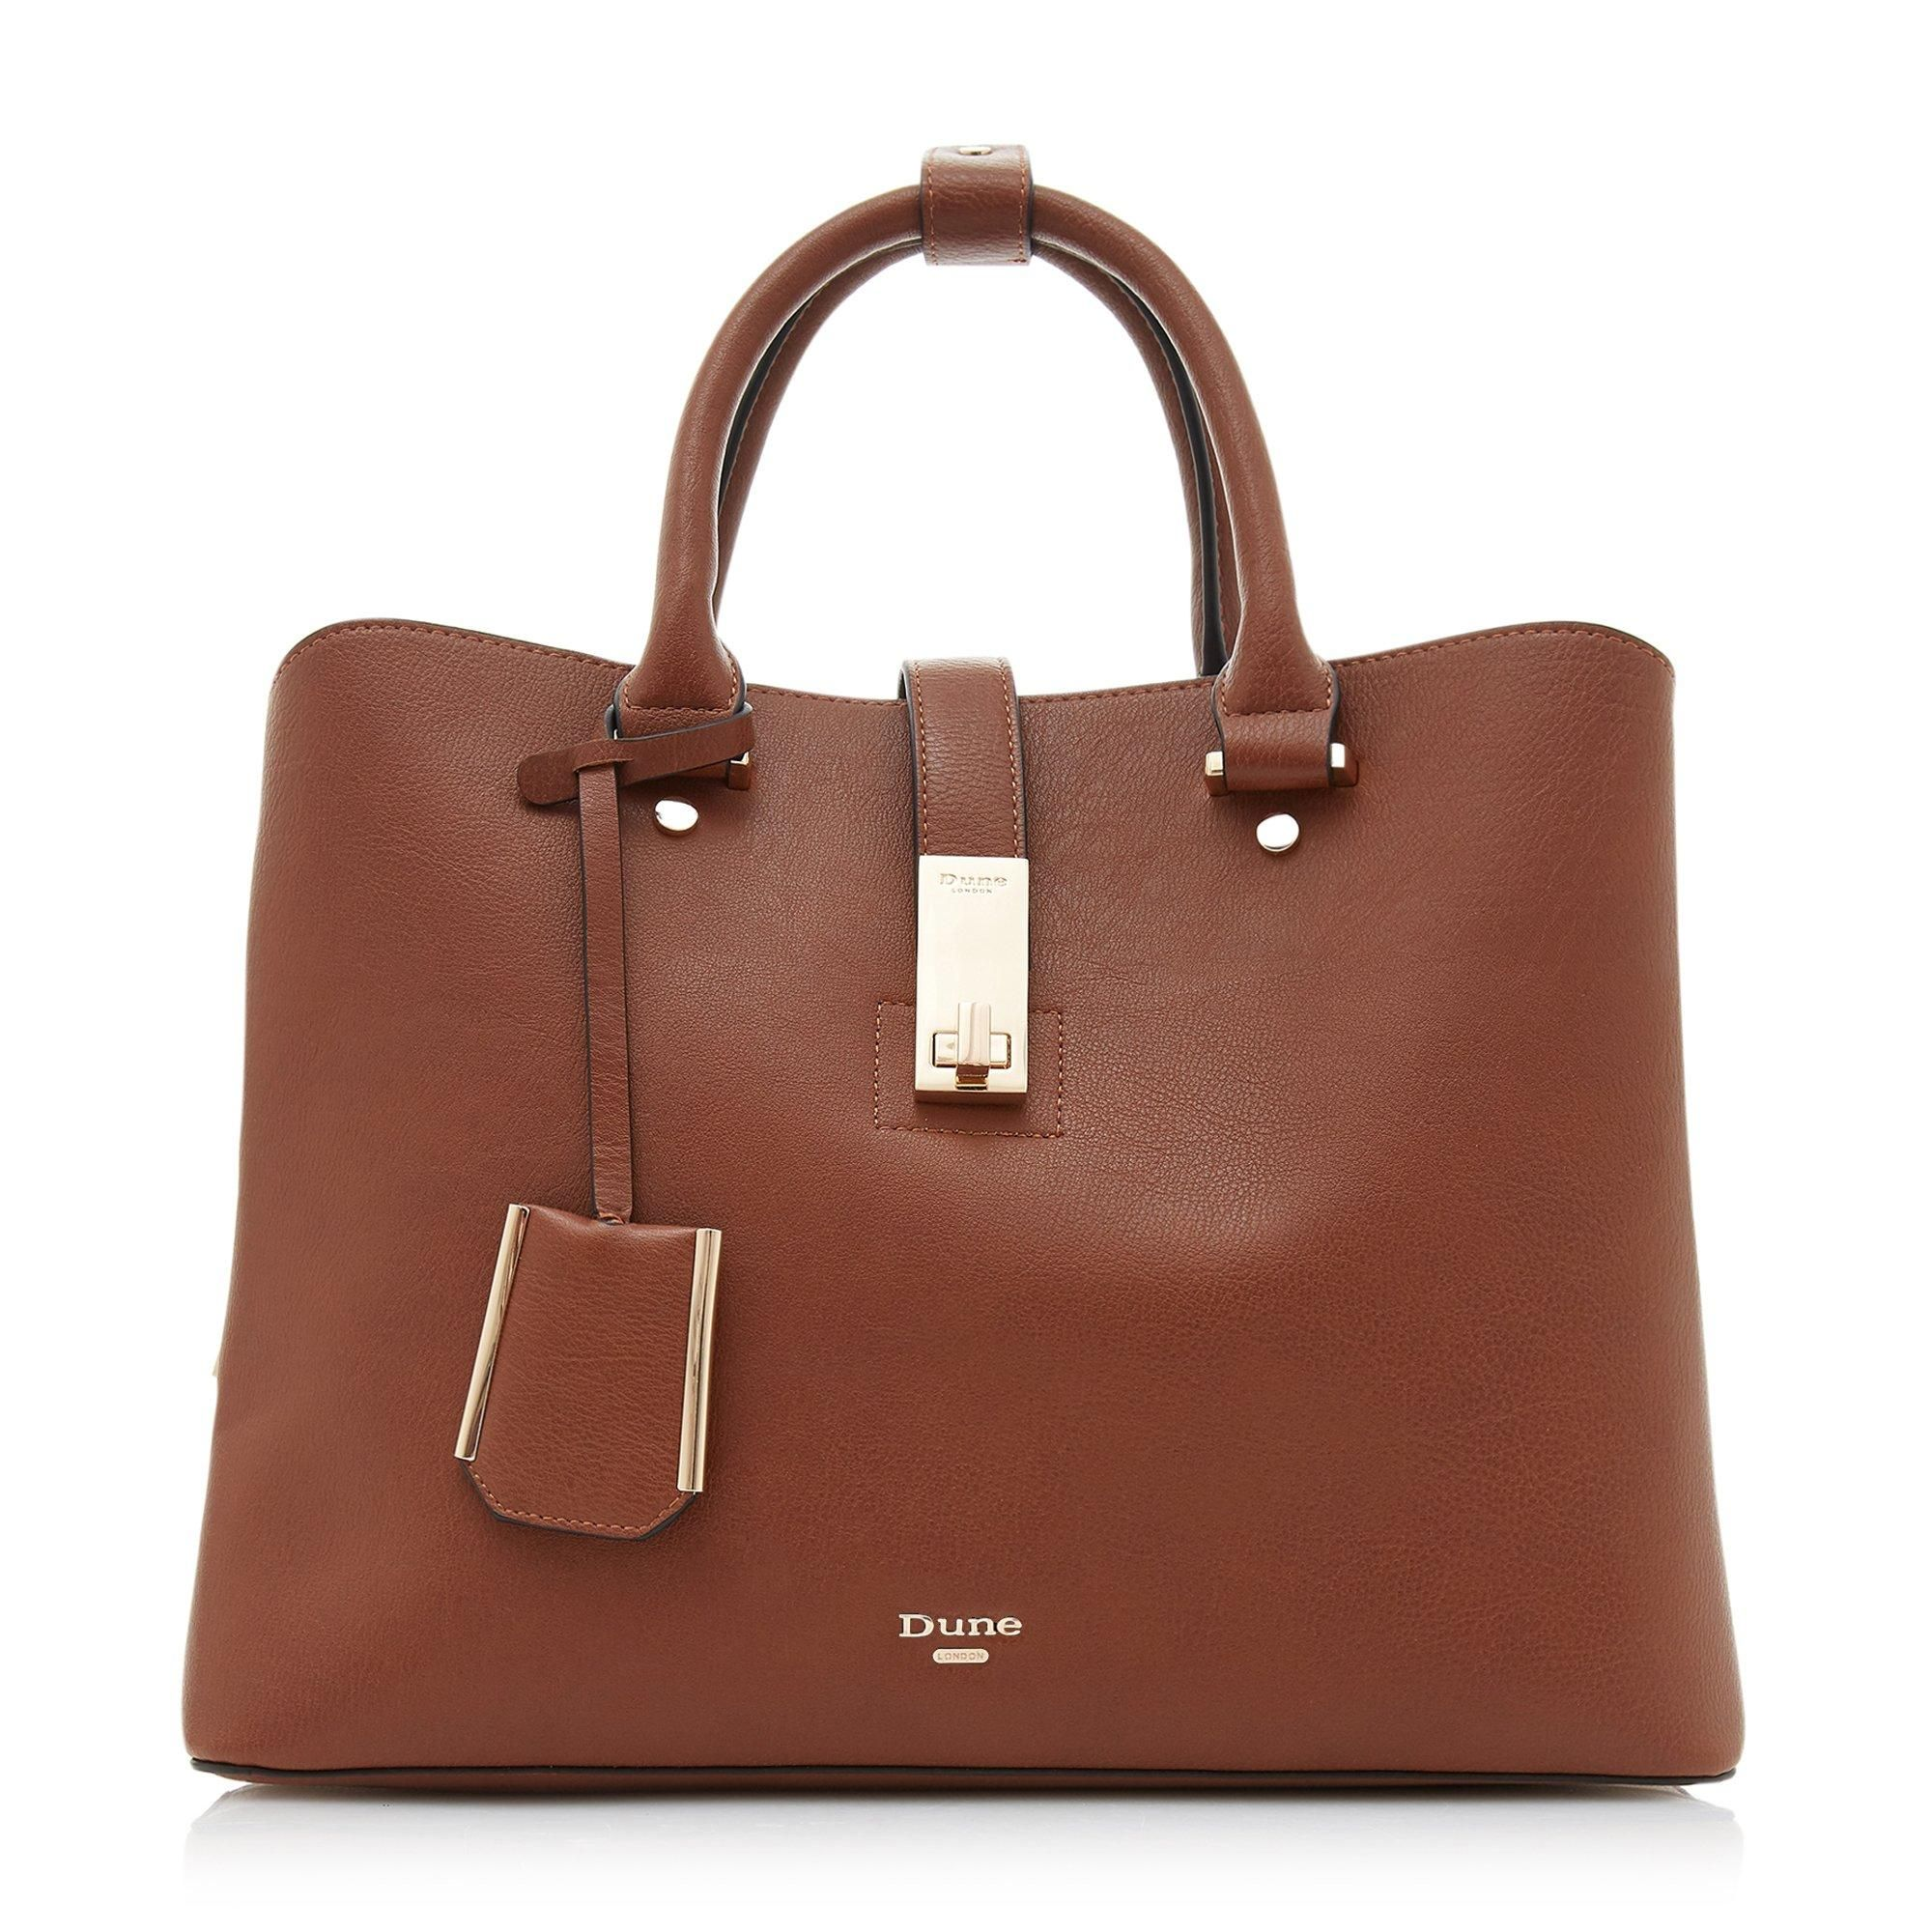 Dune DIELLA Triple Compartment Unlined Shopper Bag